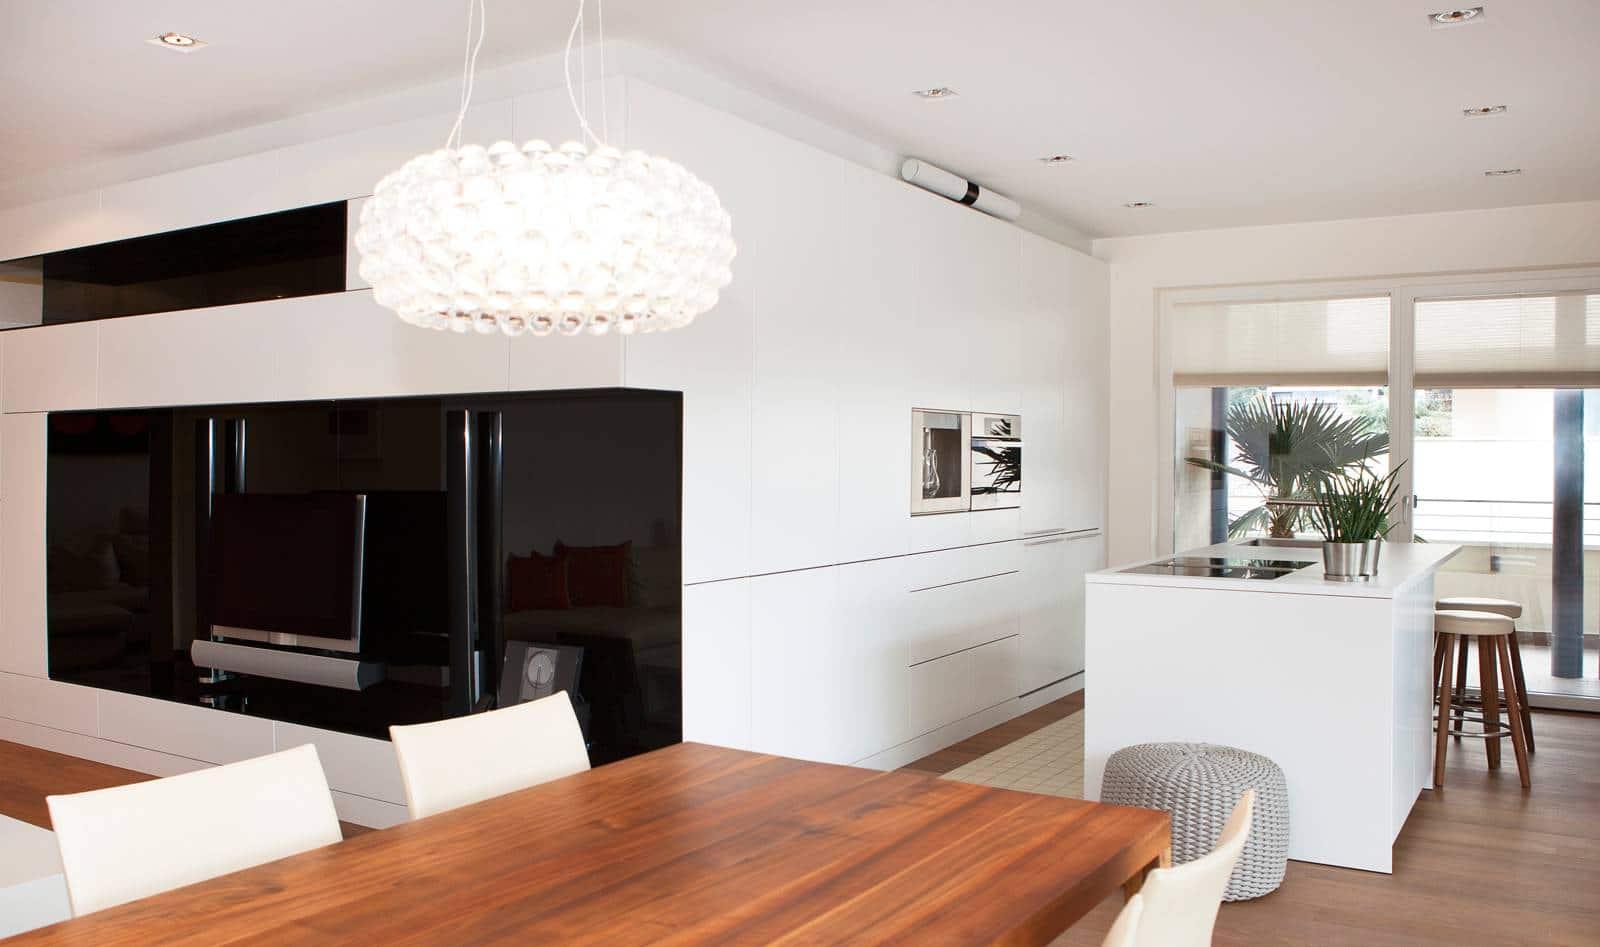 Dise os de cocinas para apartamentos peque os casa dise o - Apartamentos pequenos disenos ...